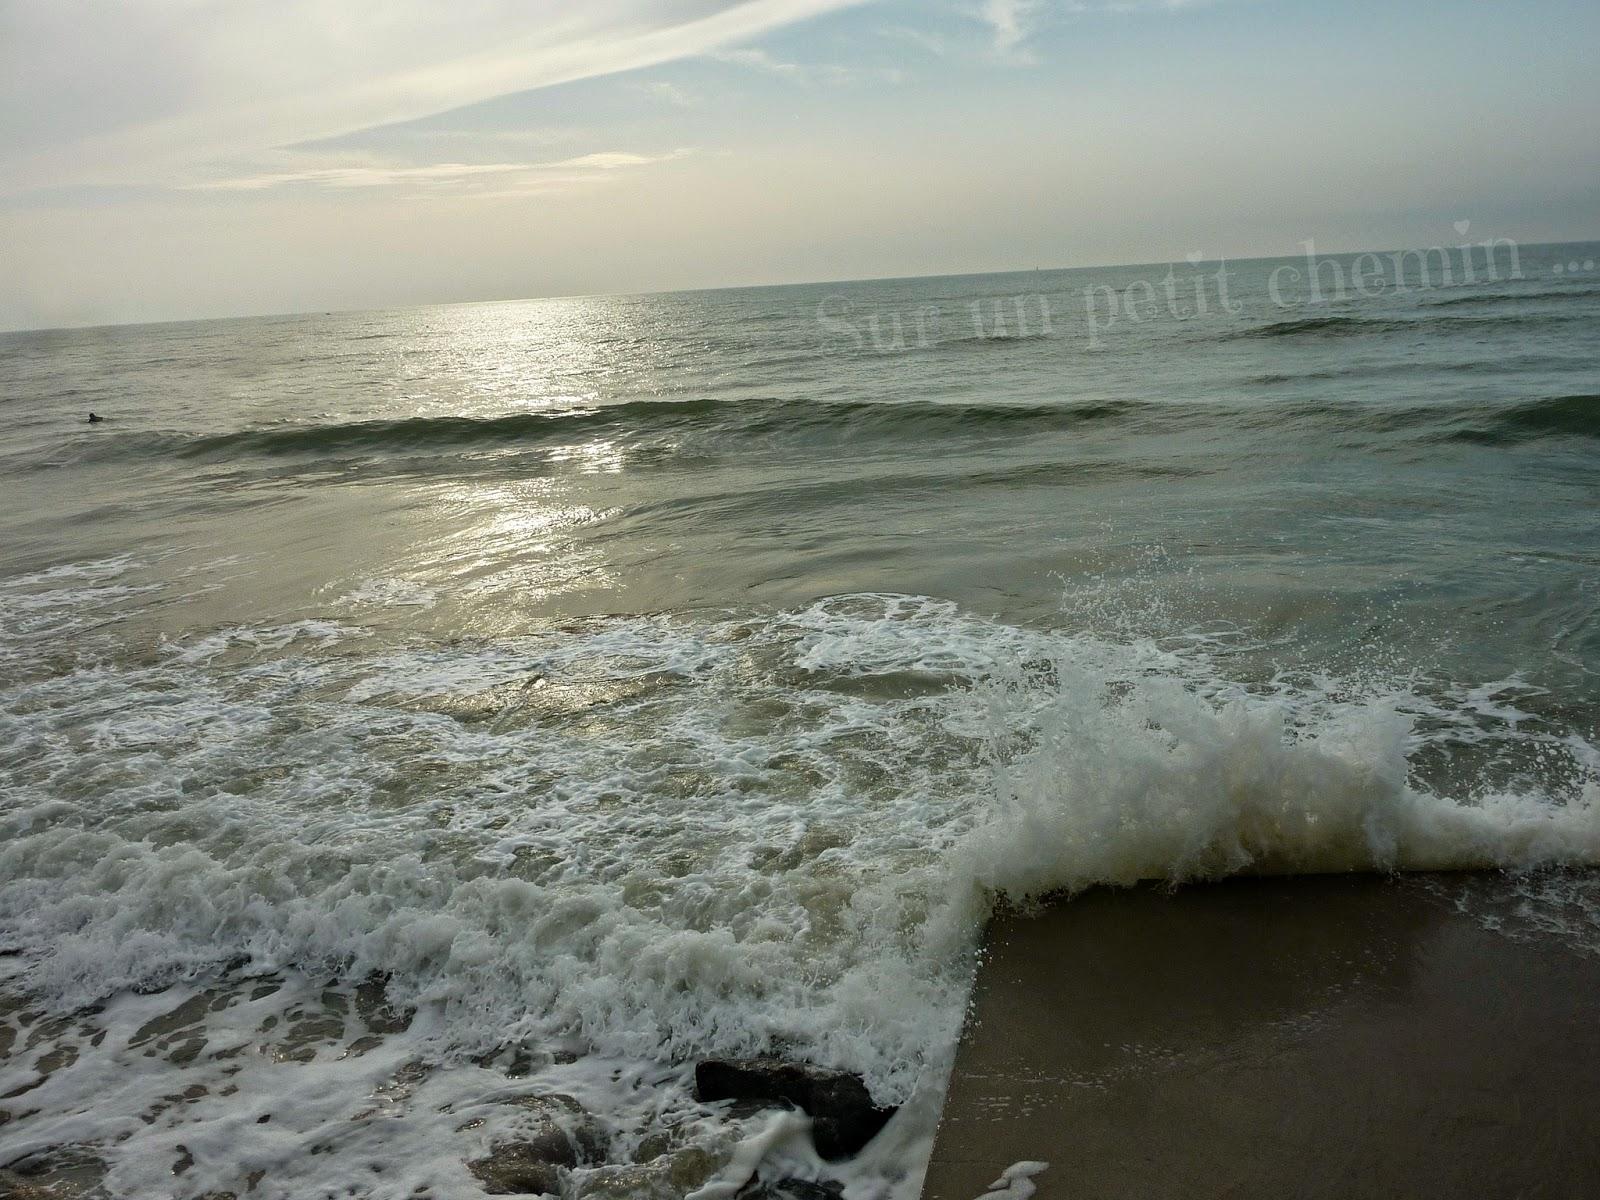 Les bras de la mer - Marée montante - Grande Plage de Saint Gilles Croix-de-Vie en Vendée